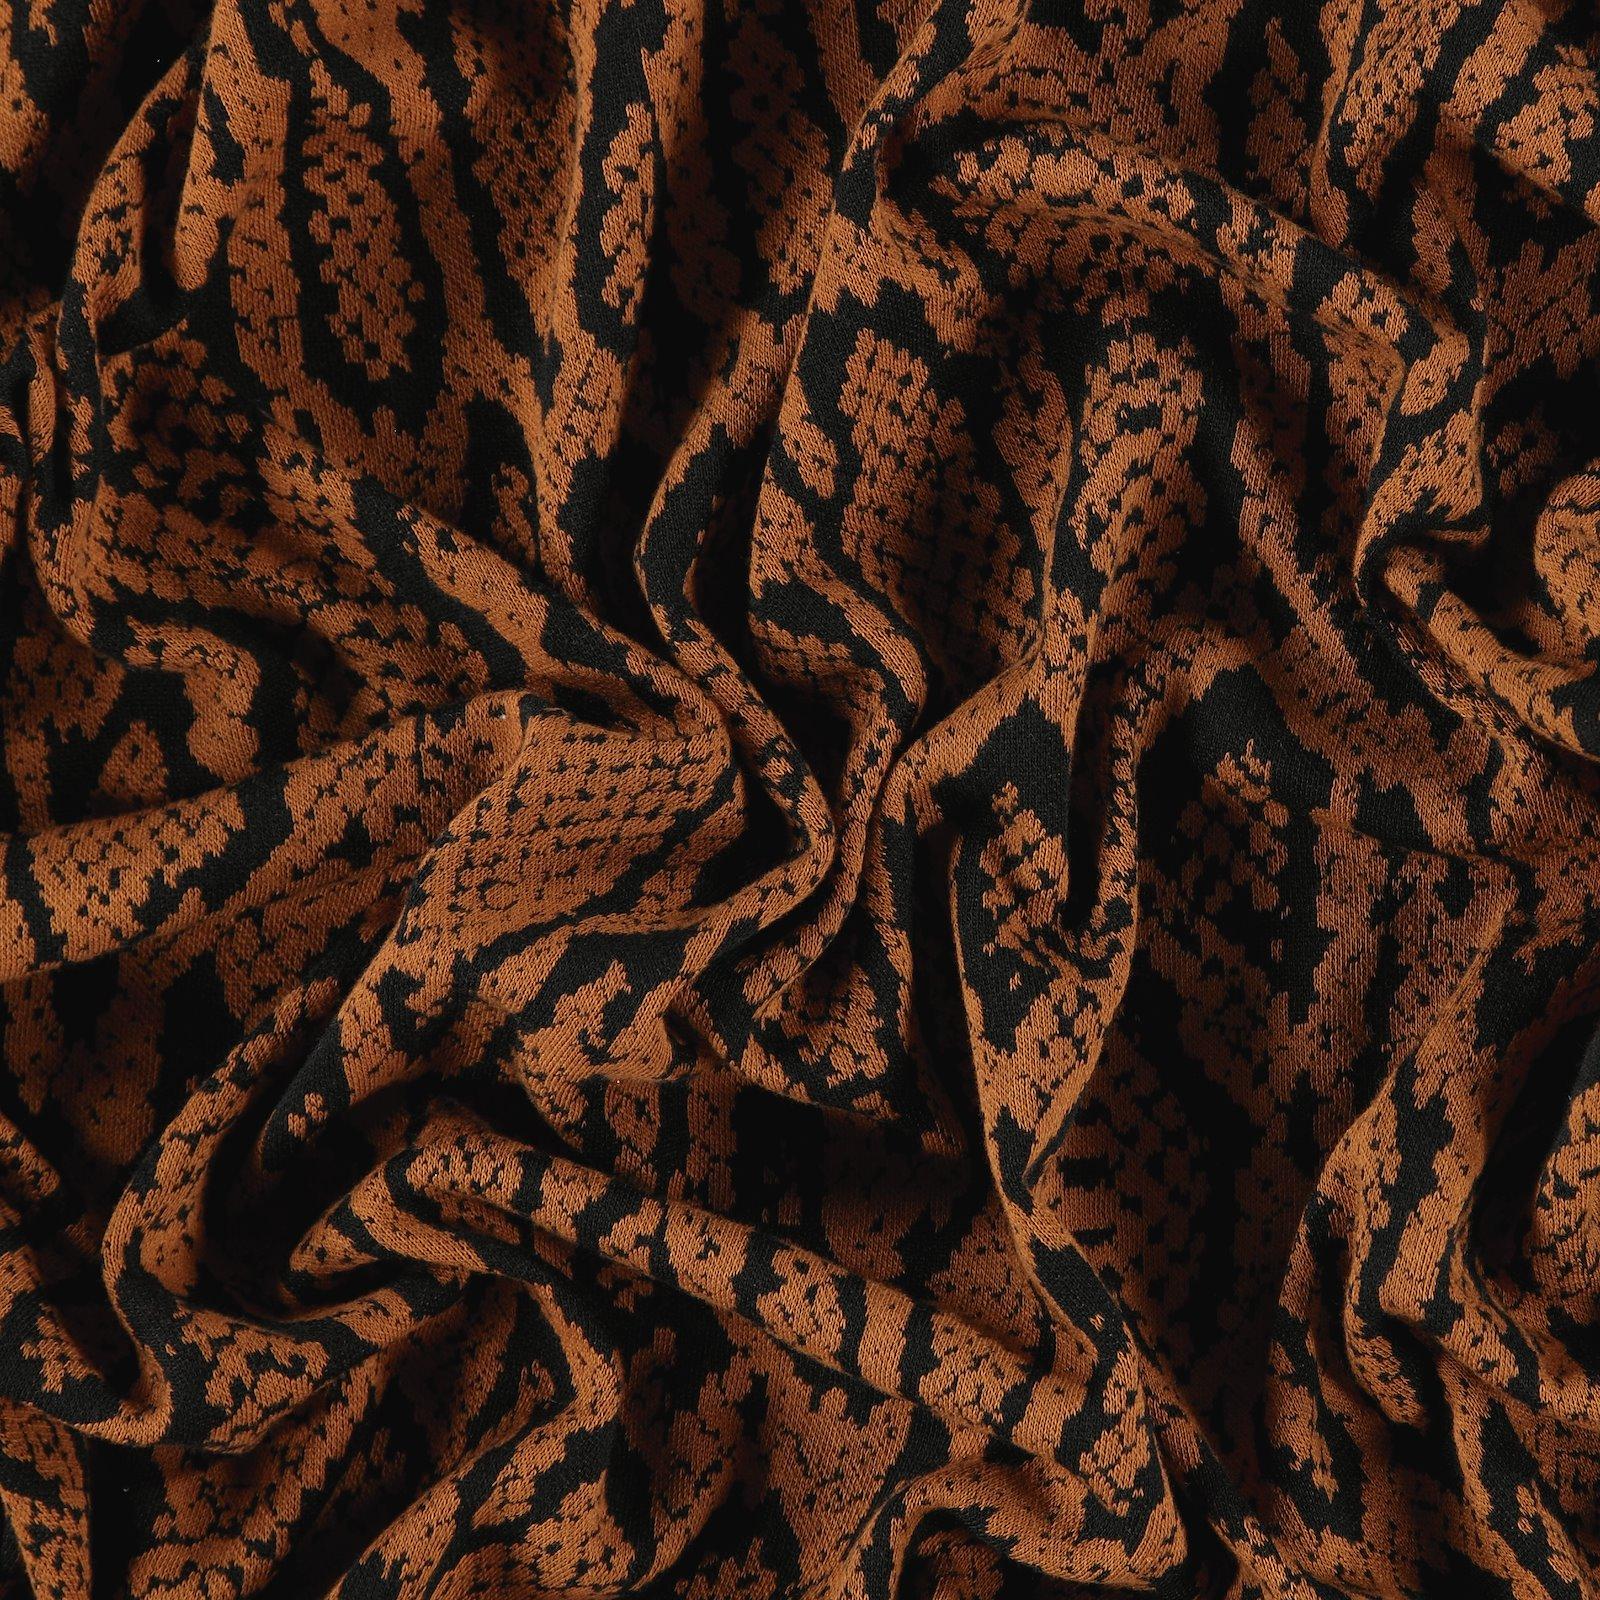 Knit jacquard caramel w snake pattern